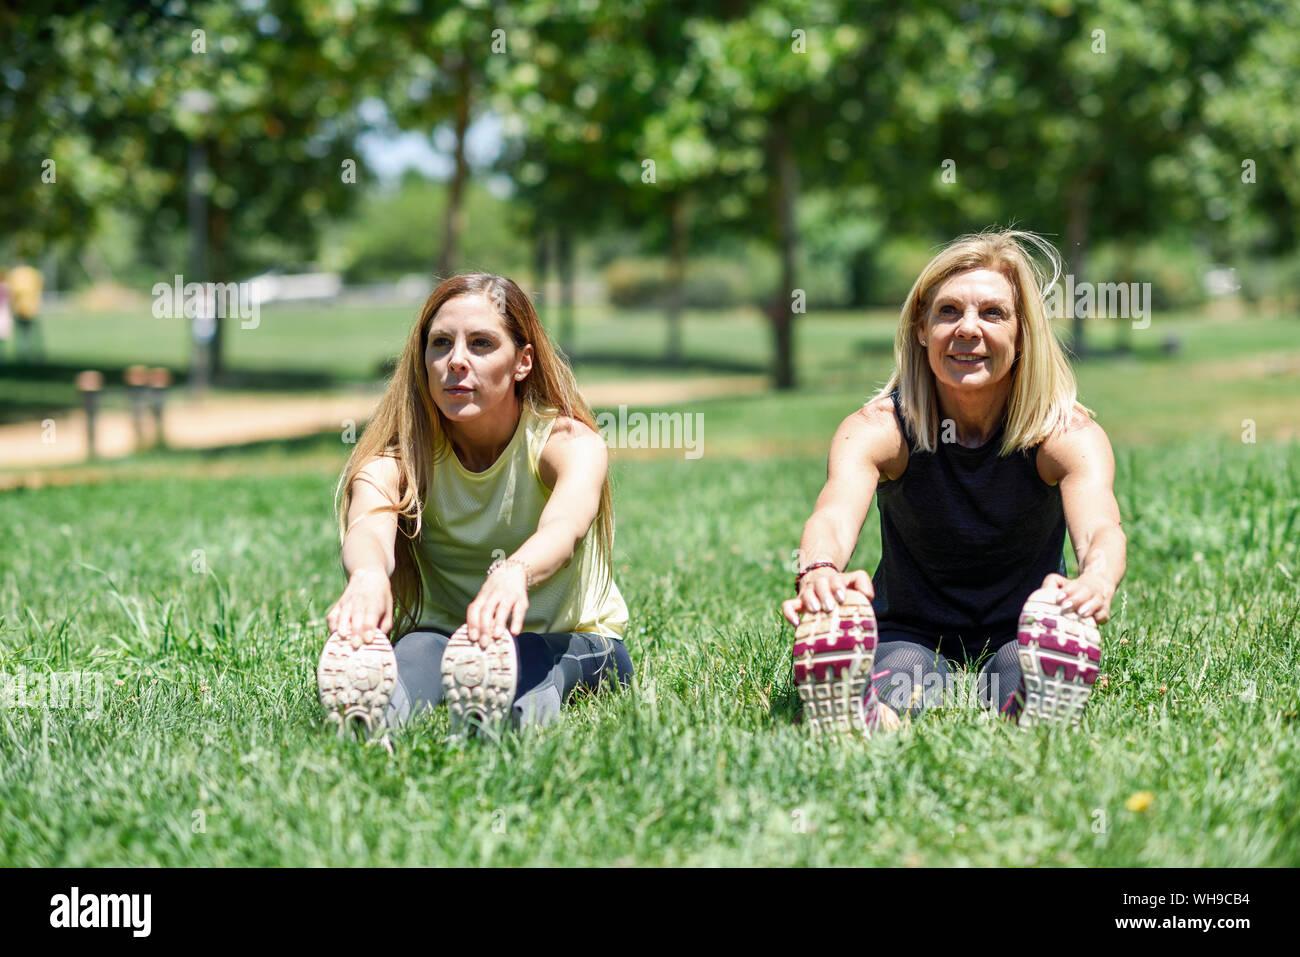 Femme mature et sa fille s'étend les jambes sur un pré dans un parc Banque D'Images